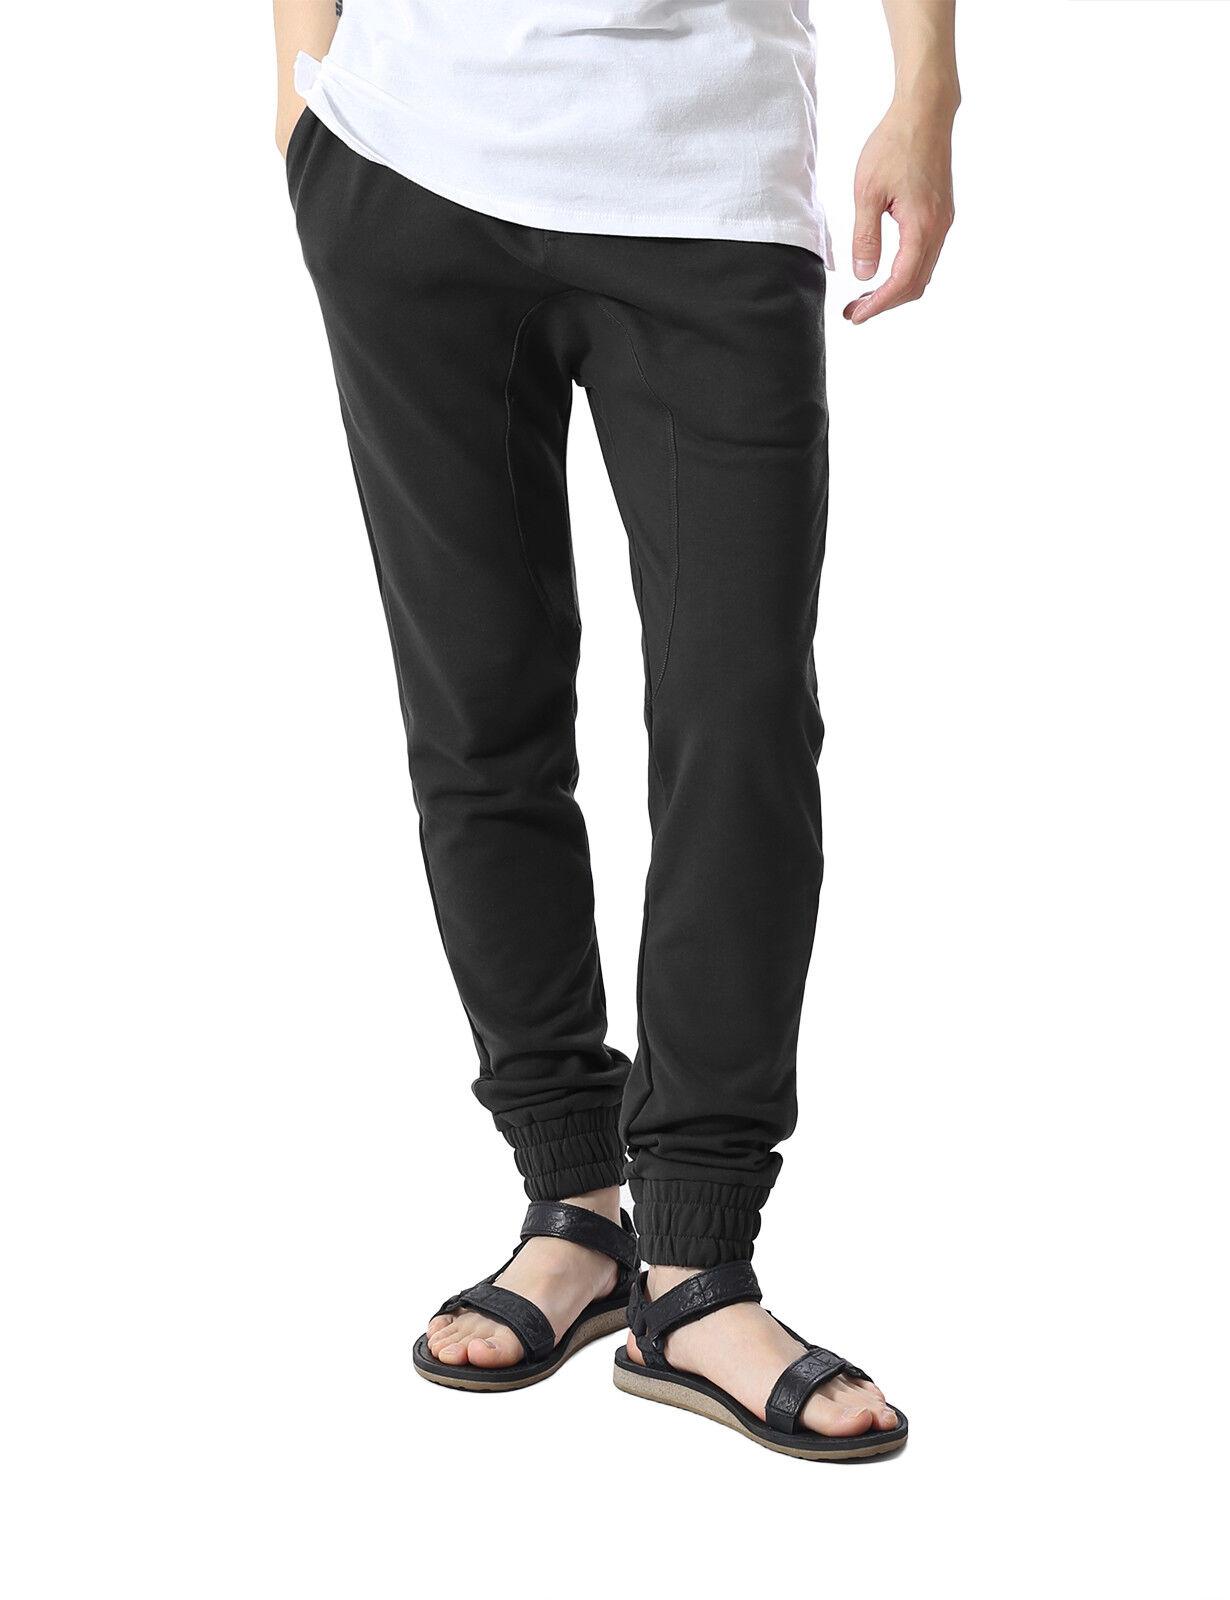 JD Apparel Mens Fleece Jogger Pants Elastic Active Urban Sli